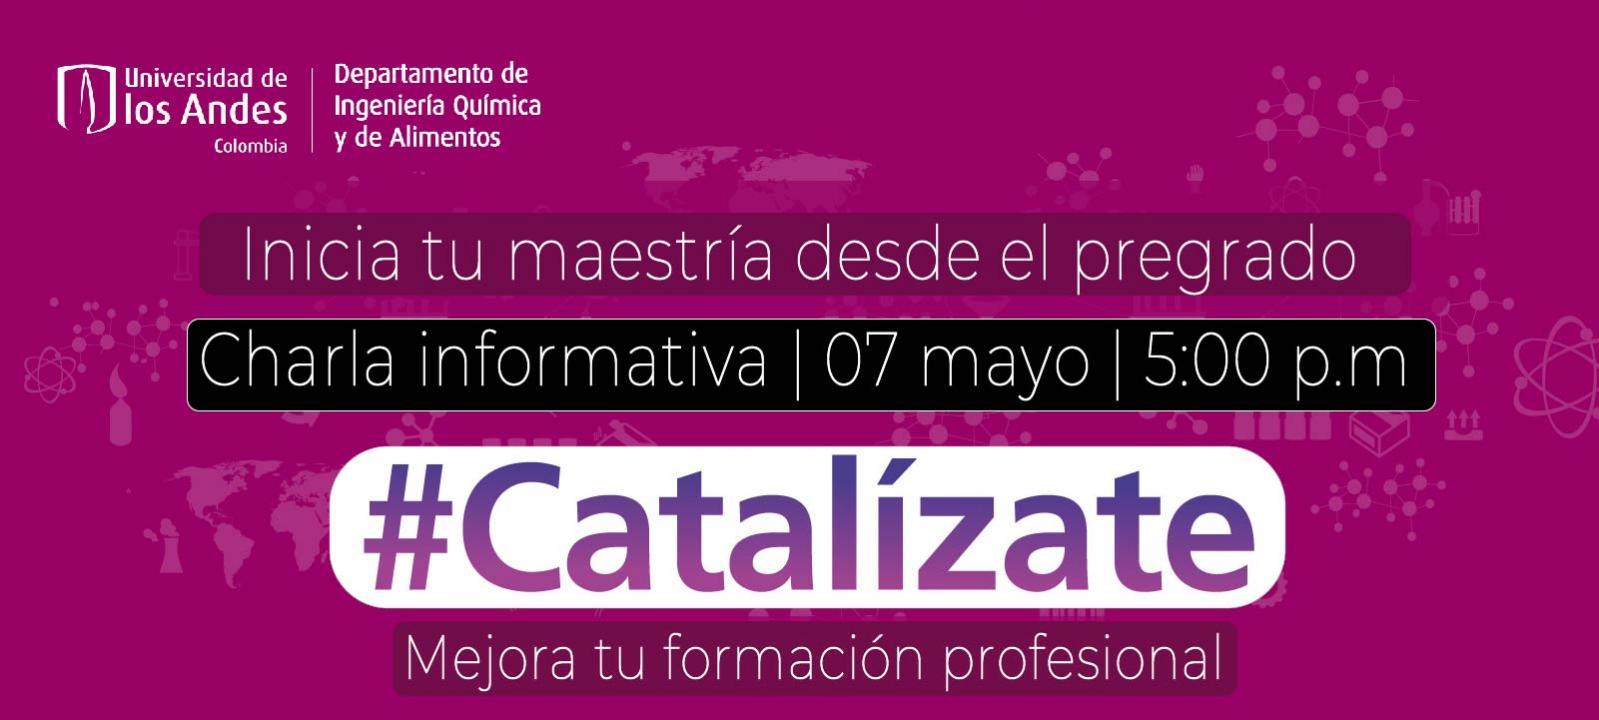 charla virtual #catalizate pregrado y posgrado en cinco años ingenieria quimica alimentos   uniandes